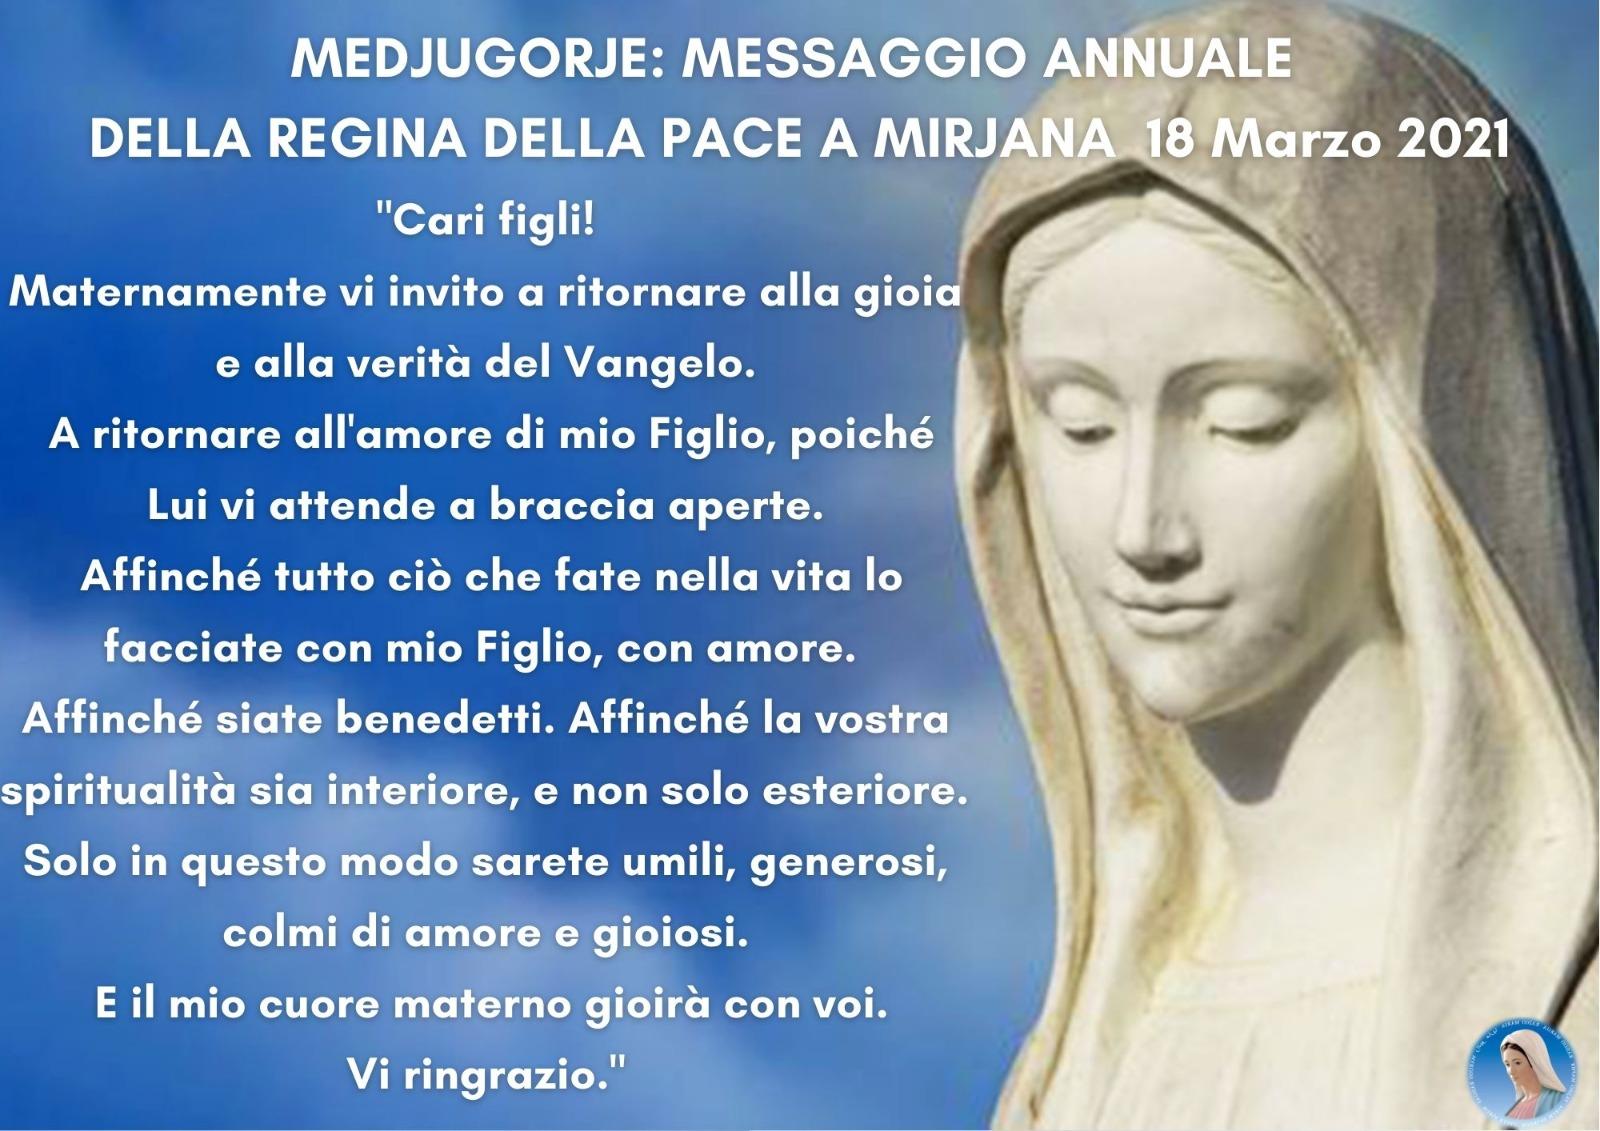 Mesaggio a Mirjana di Medjugorje 18 Marzo